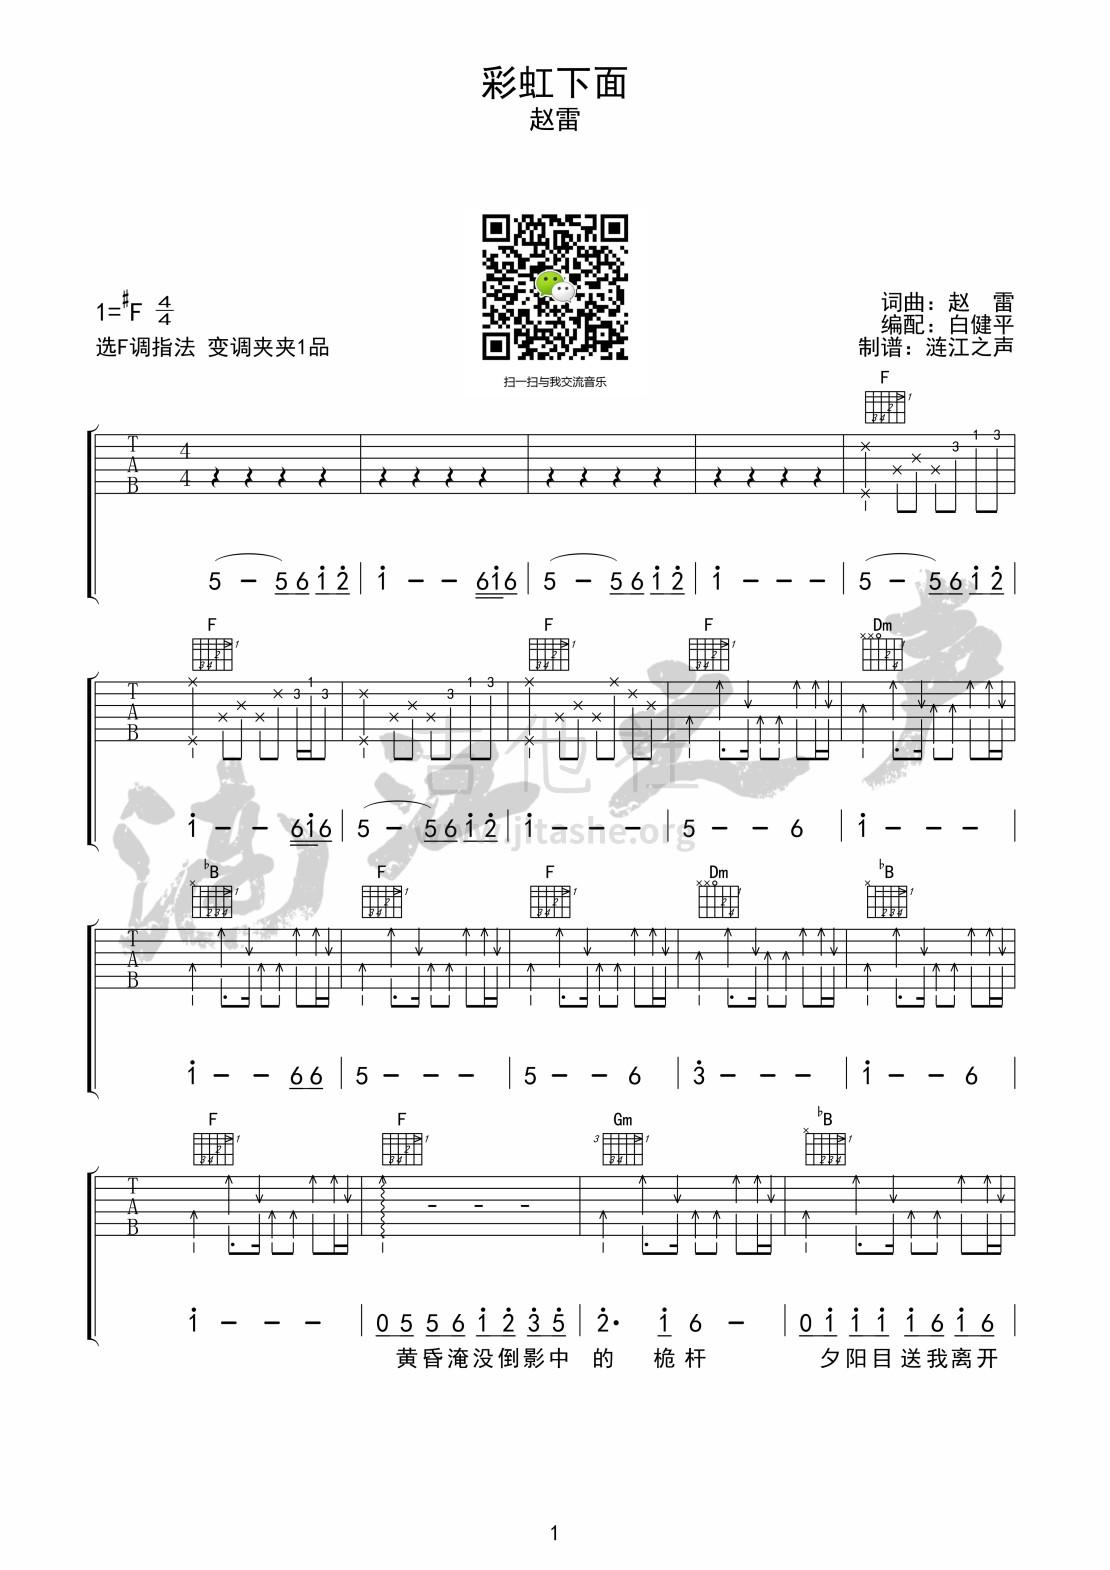 打印:彩虹下面(西虹市首富》电影推广曲吉他谱首发)吉他谱_赵雷(雷子)_彩虹下面 吉他谱01.jpg